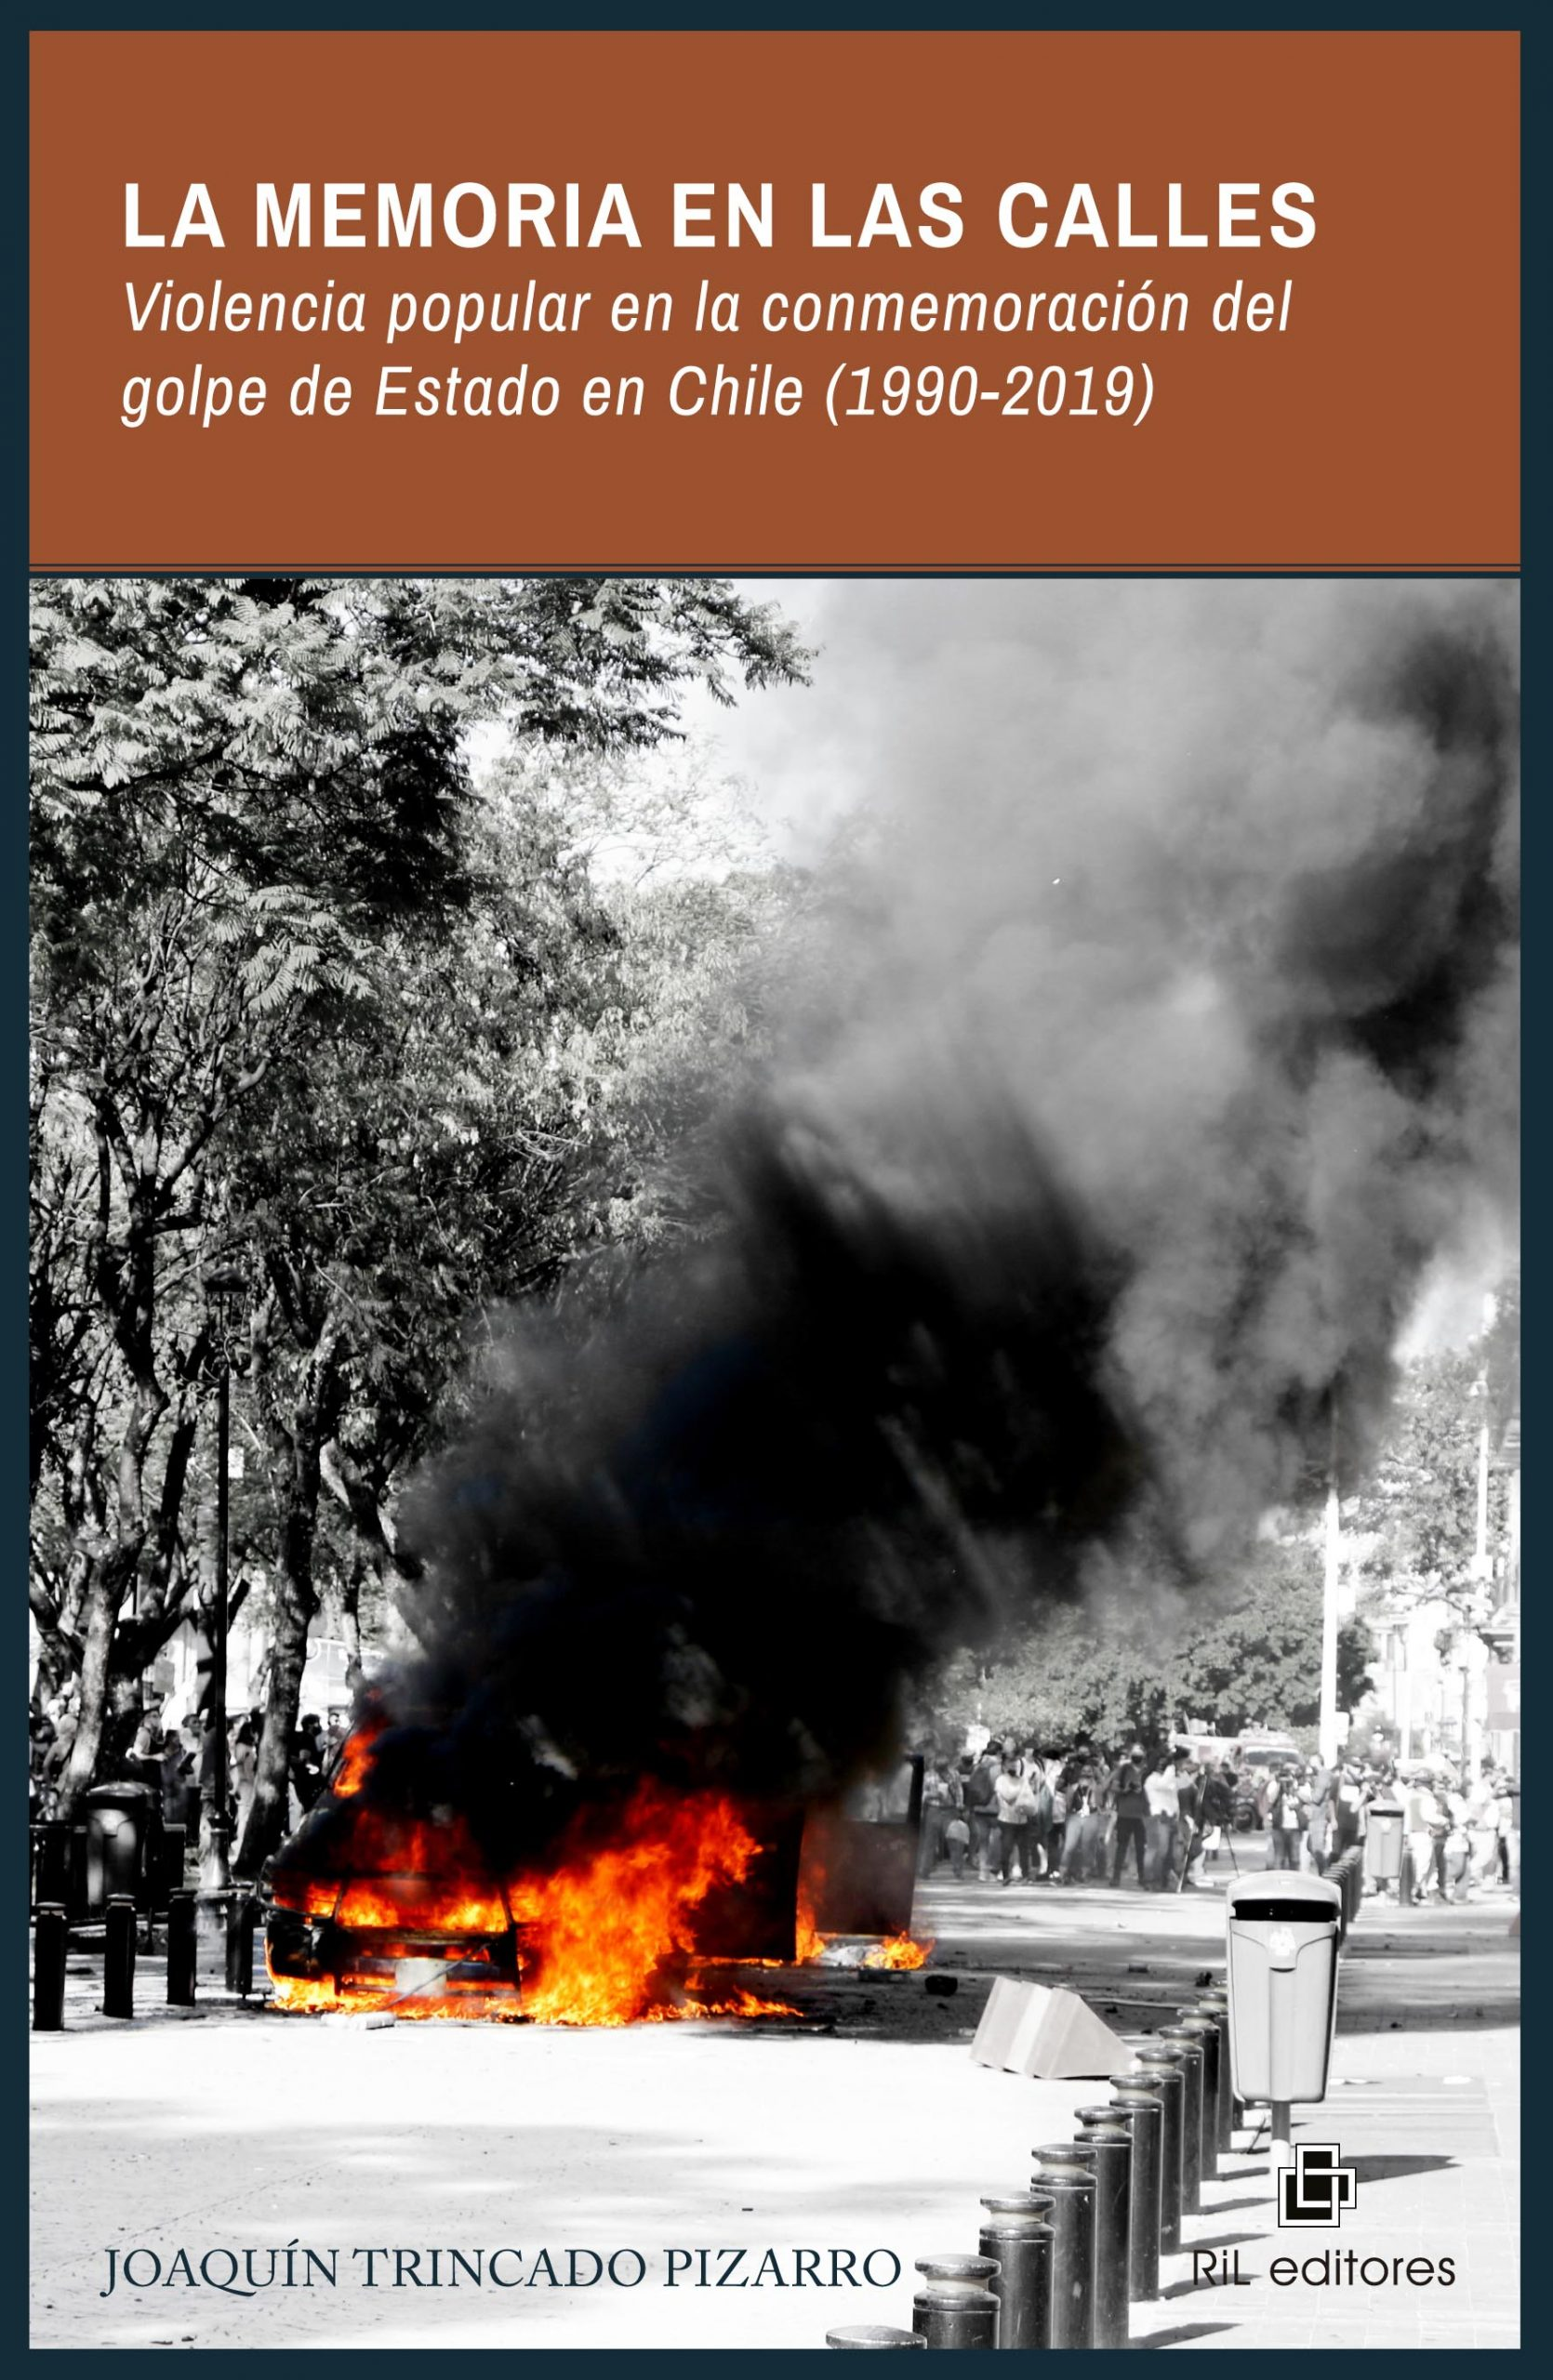 La memoria en las calles. Violencia popular en la conmemoracióndel golpe de Estado en Chile (1990-2019) 1